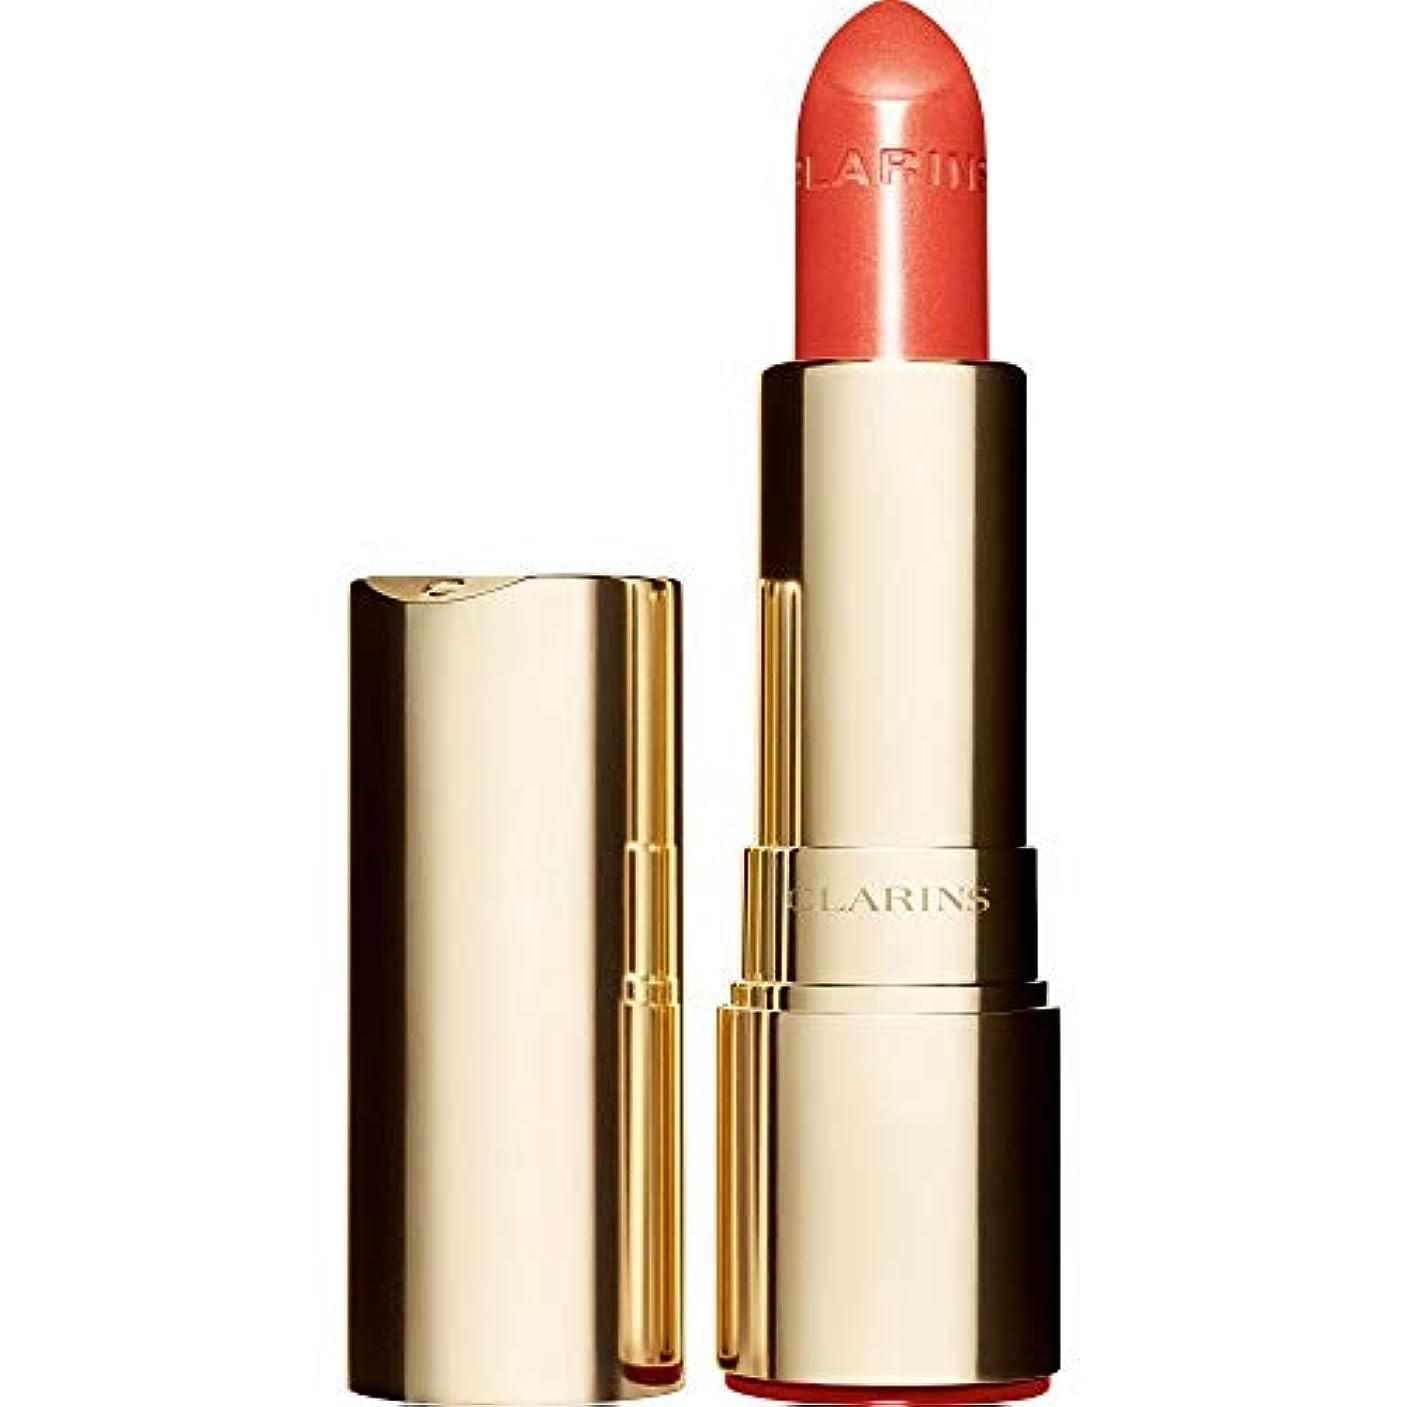 策定するハック今まで[Clarins ] クラランスジョリルージュブリリアント口紅3.5グラムの711S - パパイヤ - Clarins Joli Rouge Brillant Lipstick 3.5g 711S - Papaya [並行輸入品]